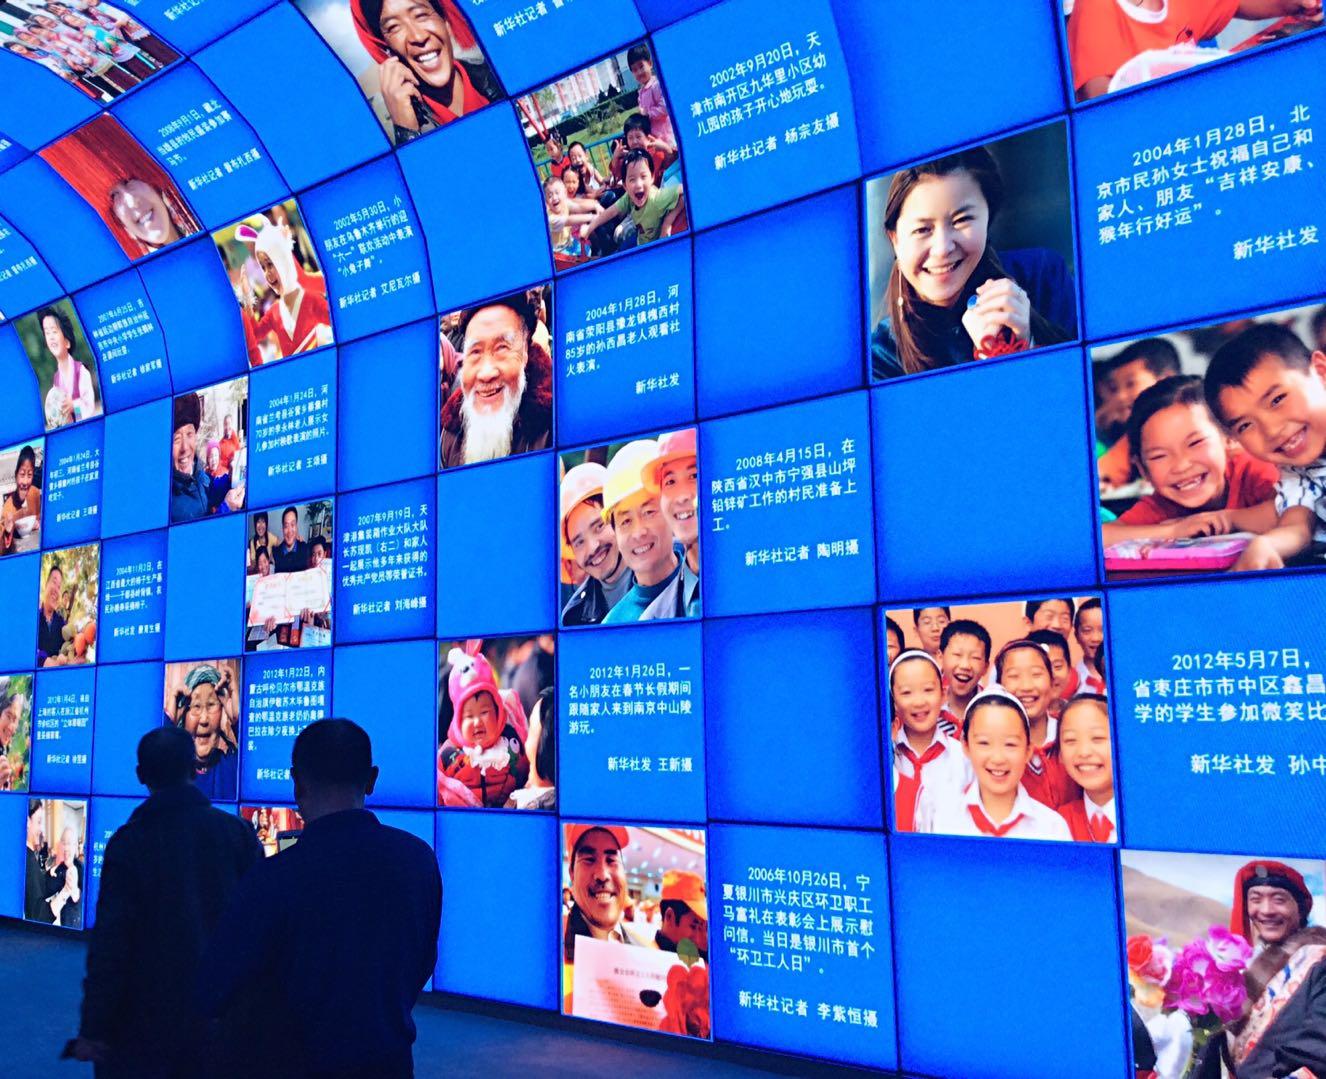 中国兴发娱乐波澜壮阔四十年